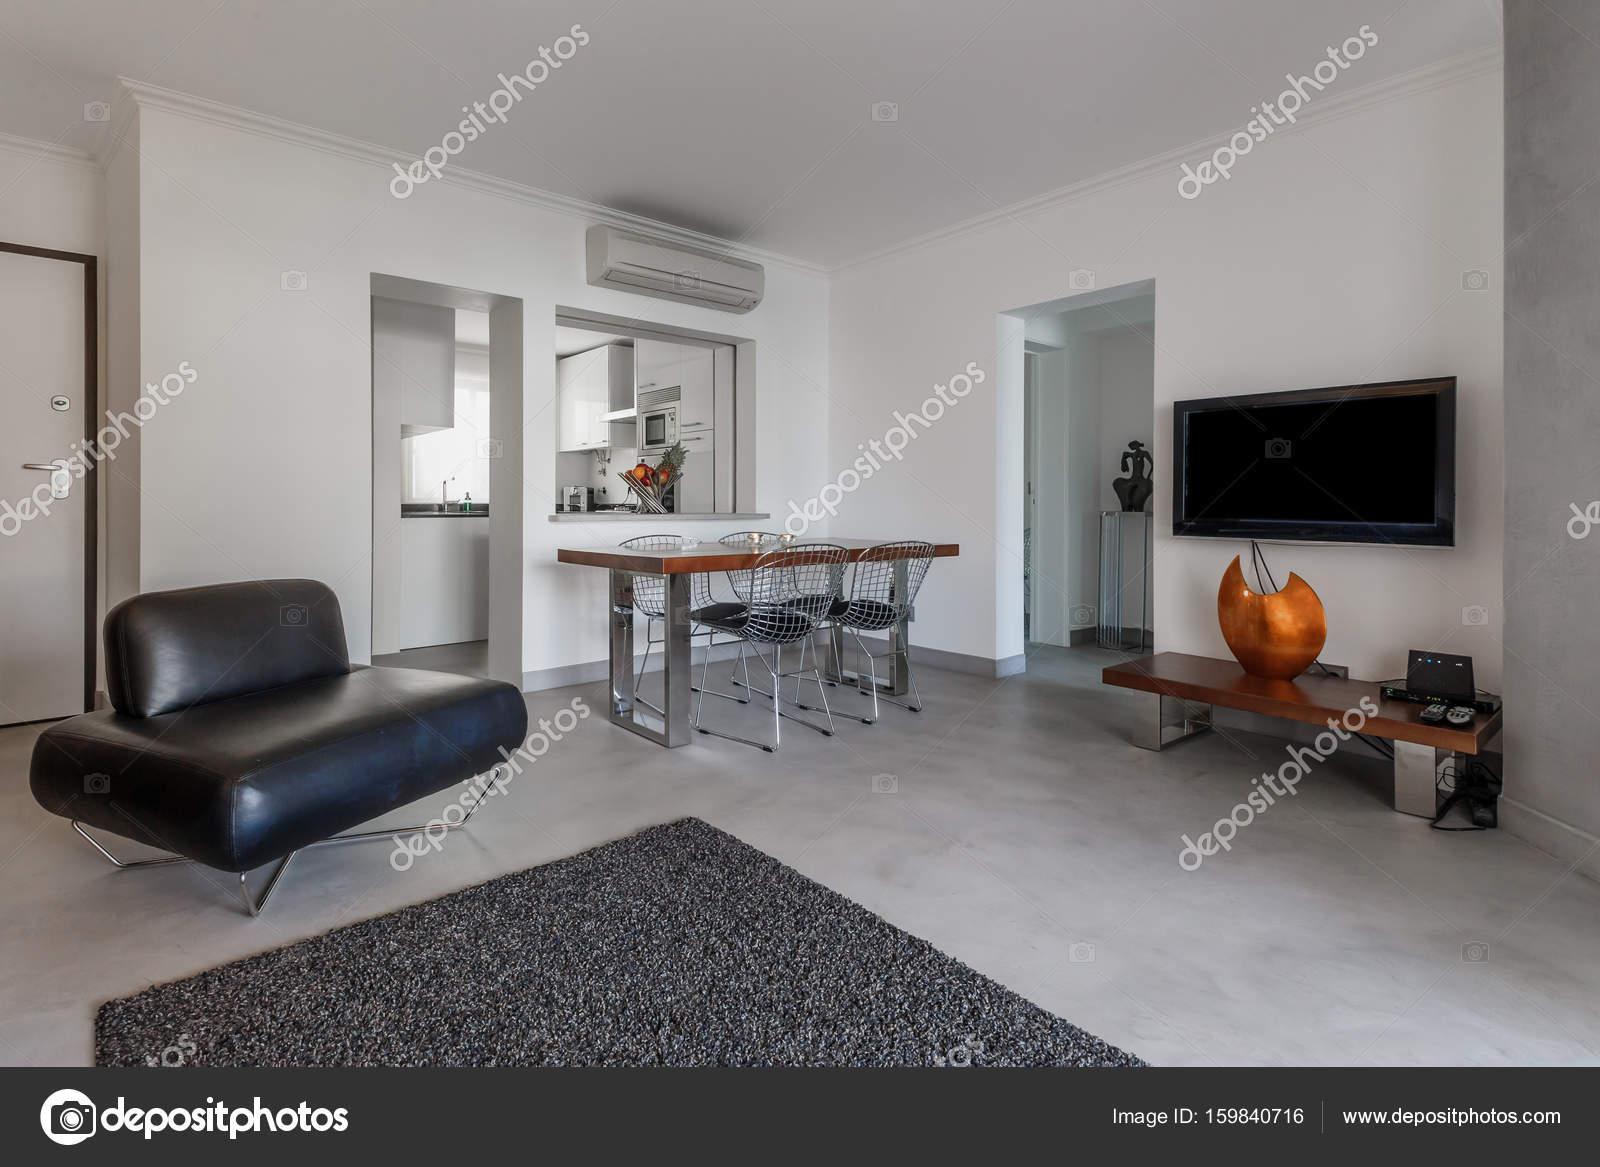 Appartamento moderno con pareti bianche e pavimento grigio chiaro